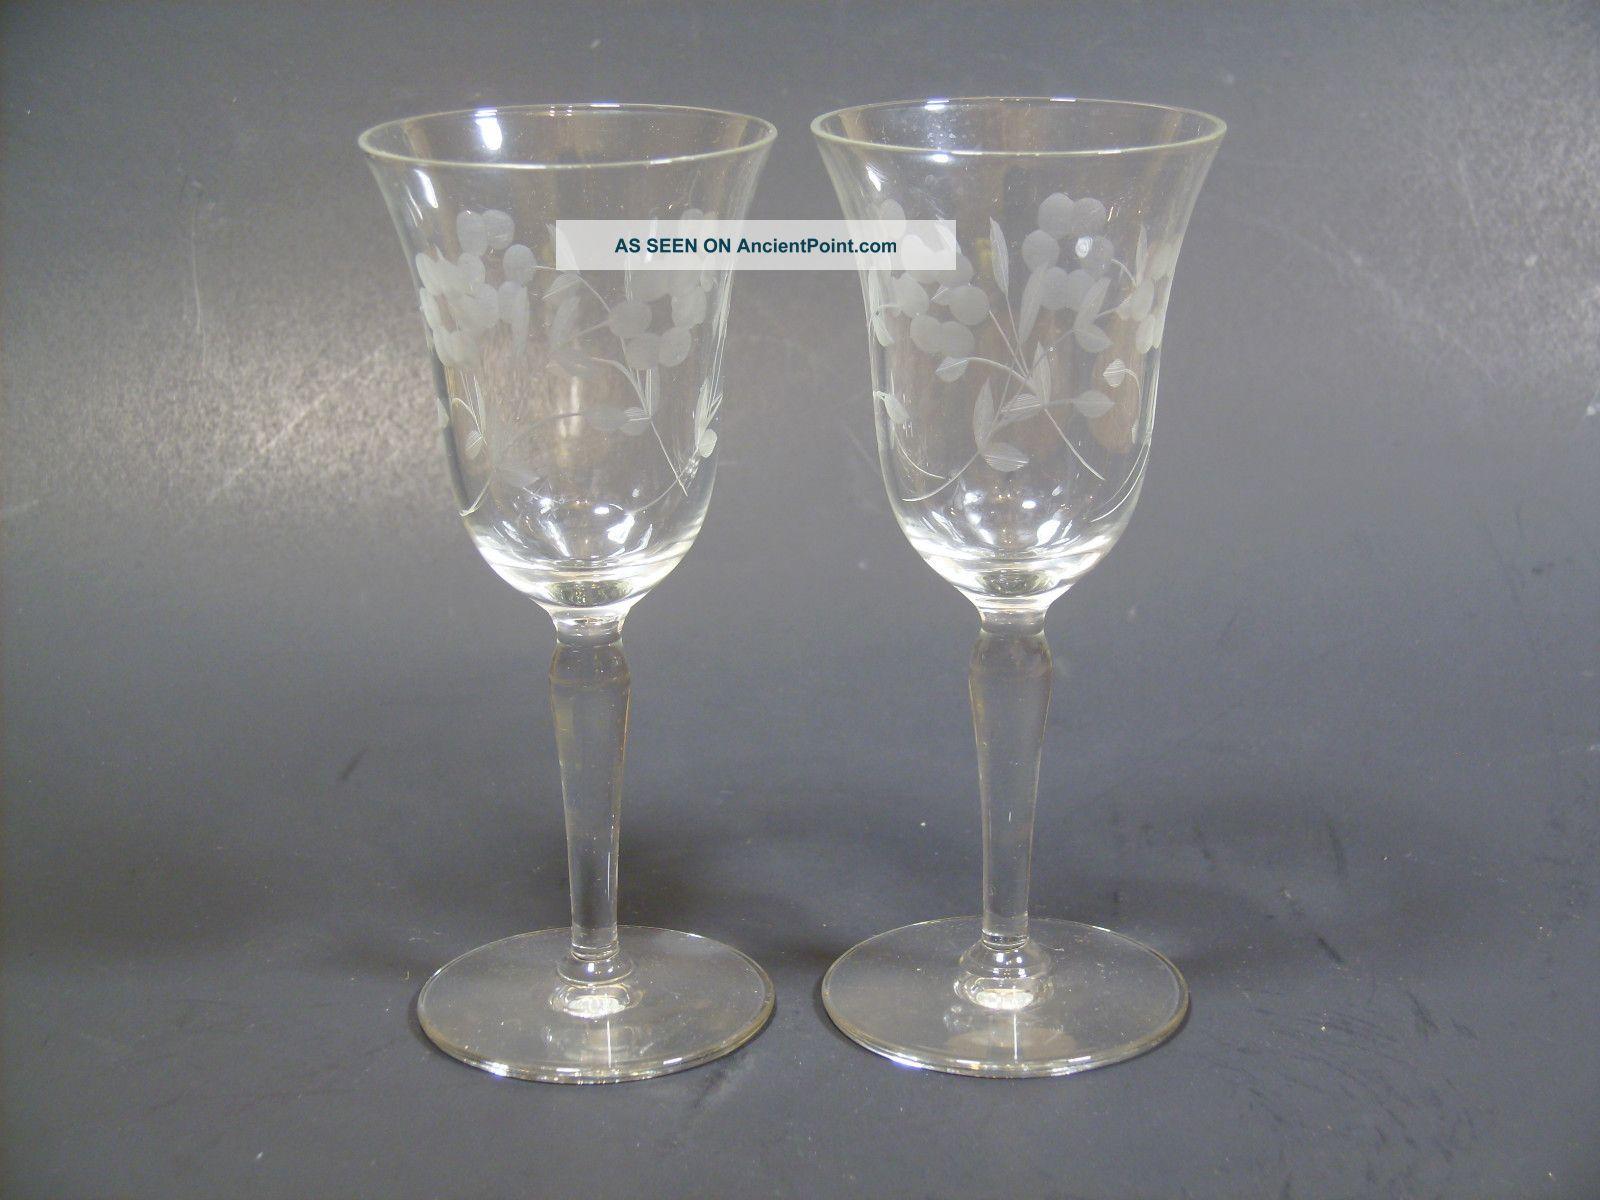 Vintage Crystal Glasses - Ordinary Nude Teen Pics